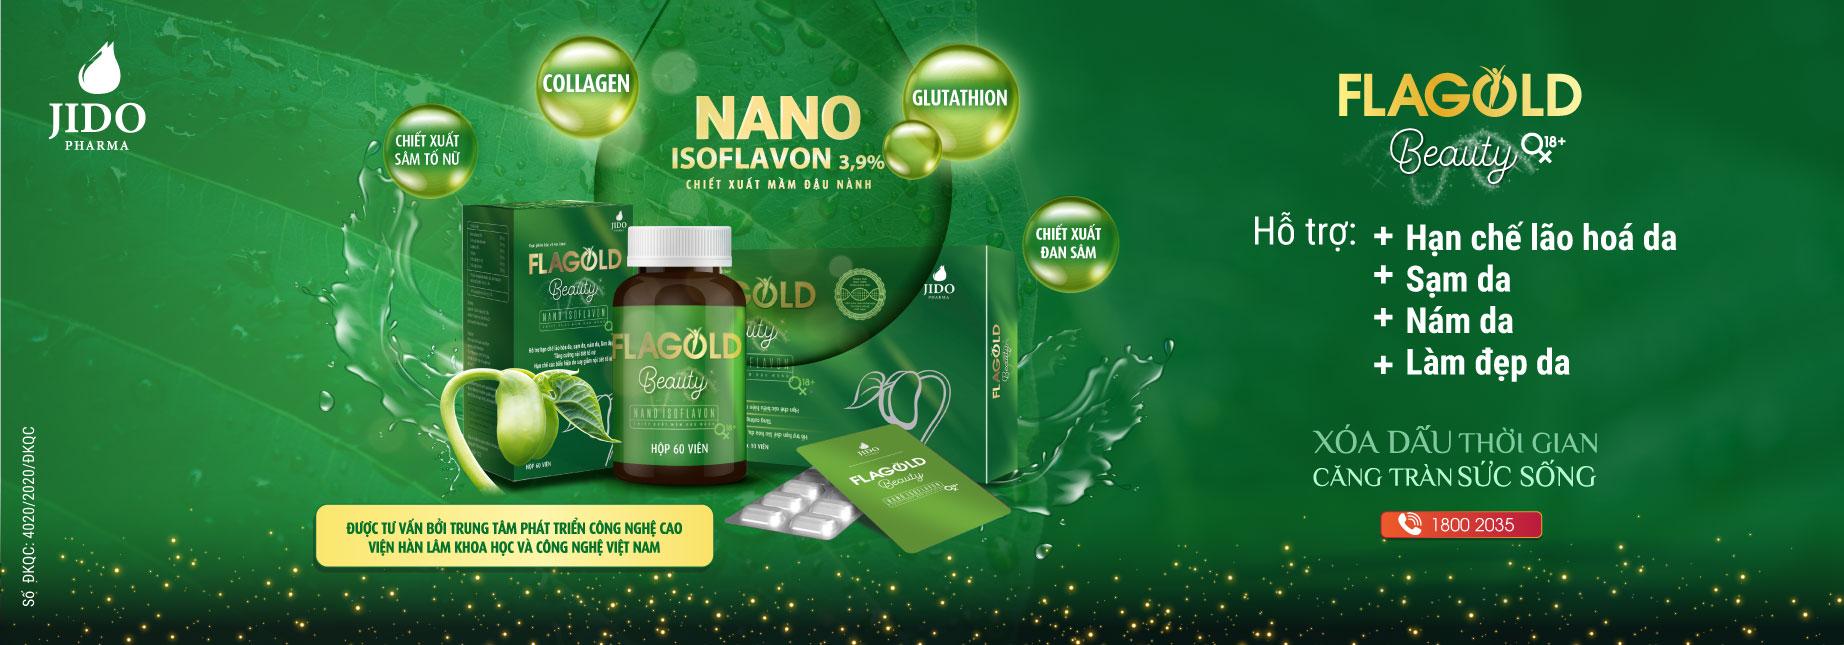 Nano mầm đậu nành FlaGold | Xóa dấu thời gian căng tràn sức sống